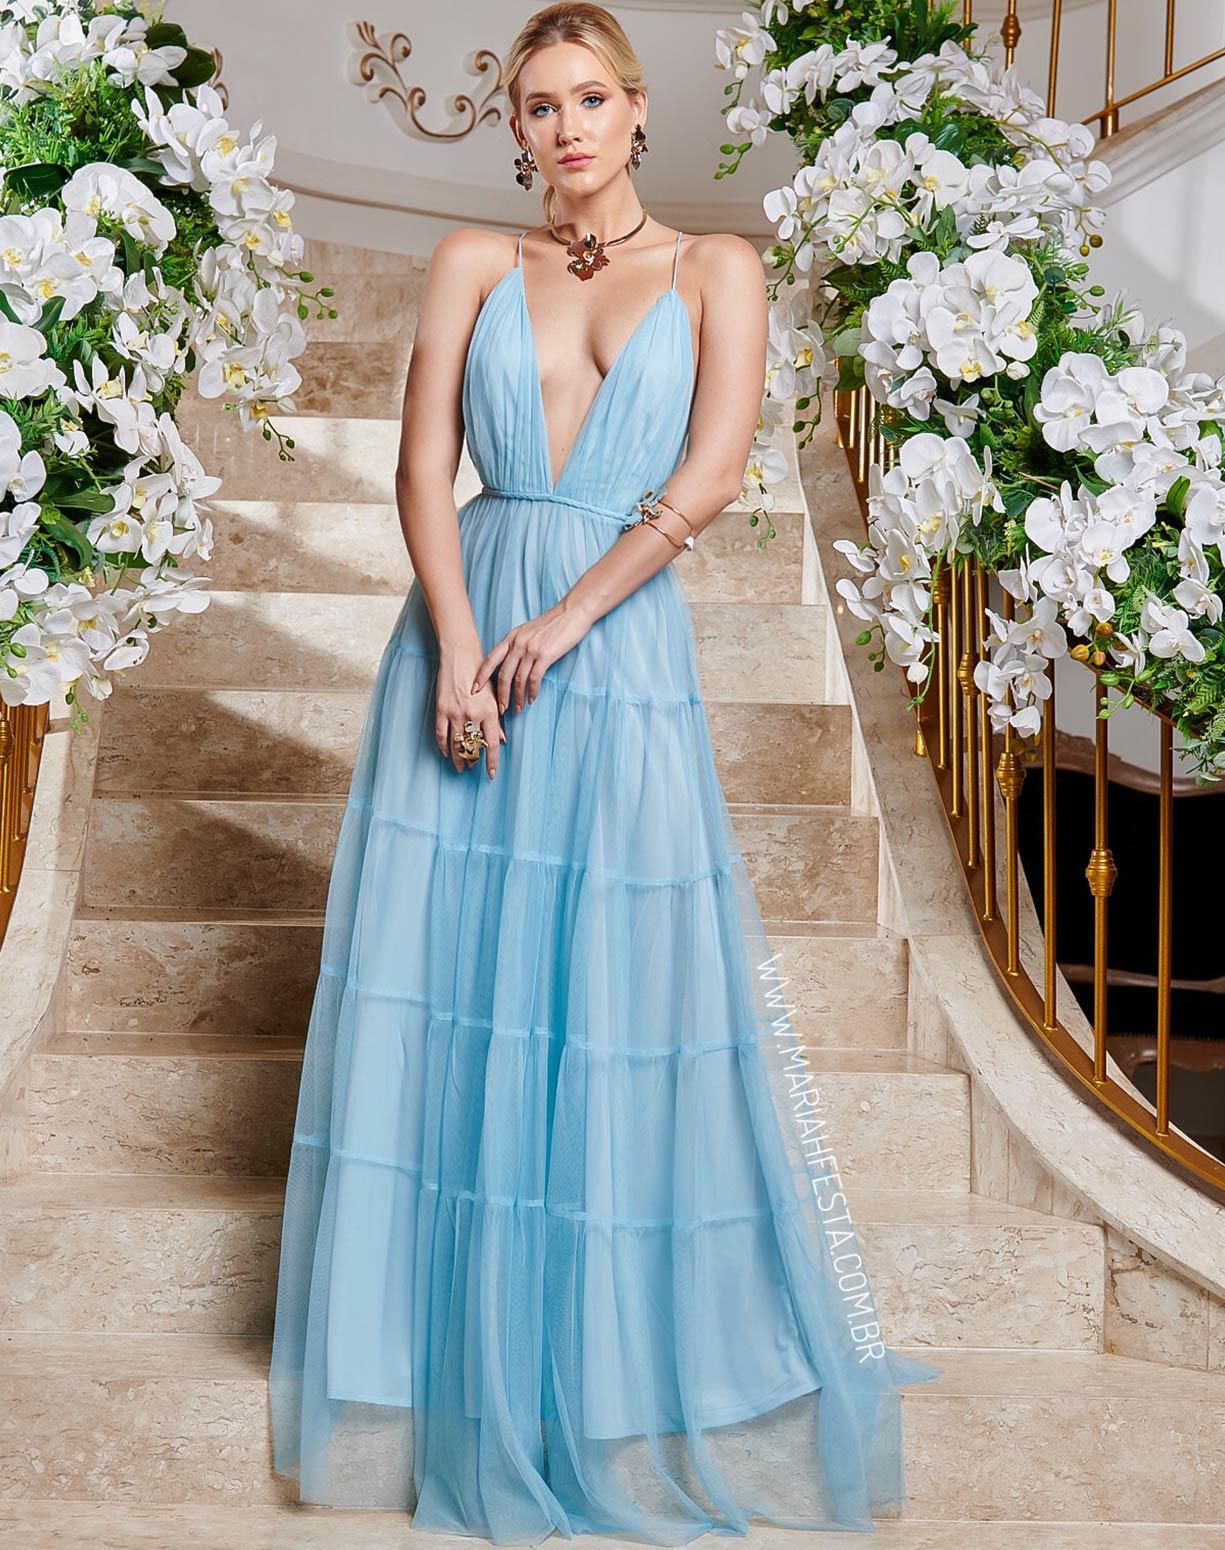 Vestido Azul Serenity em Tule com Saia em Camadas e Decote nas Costas